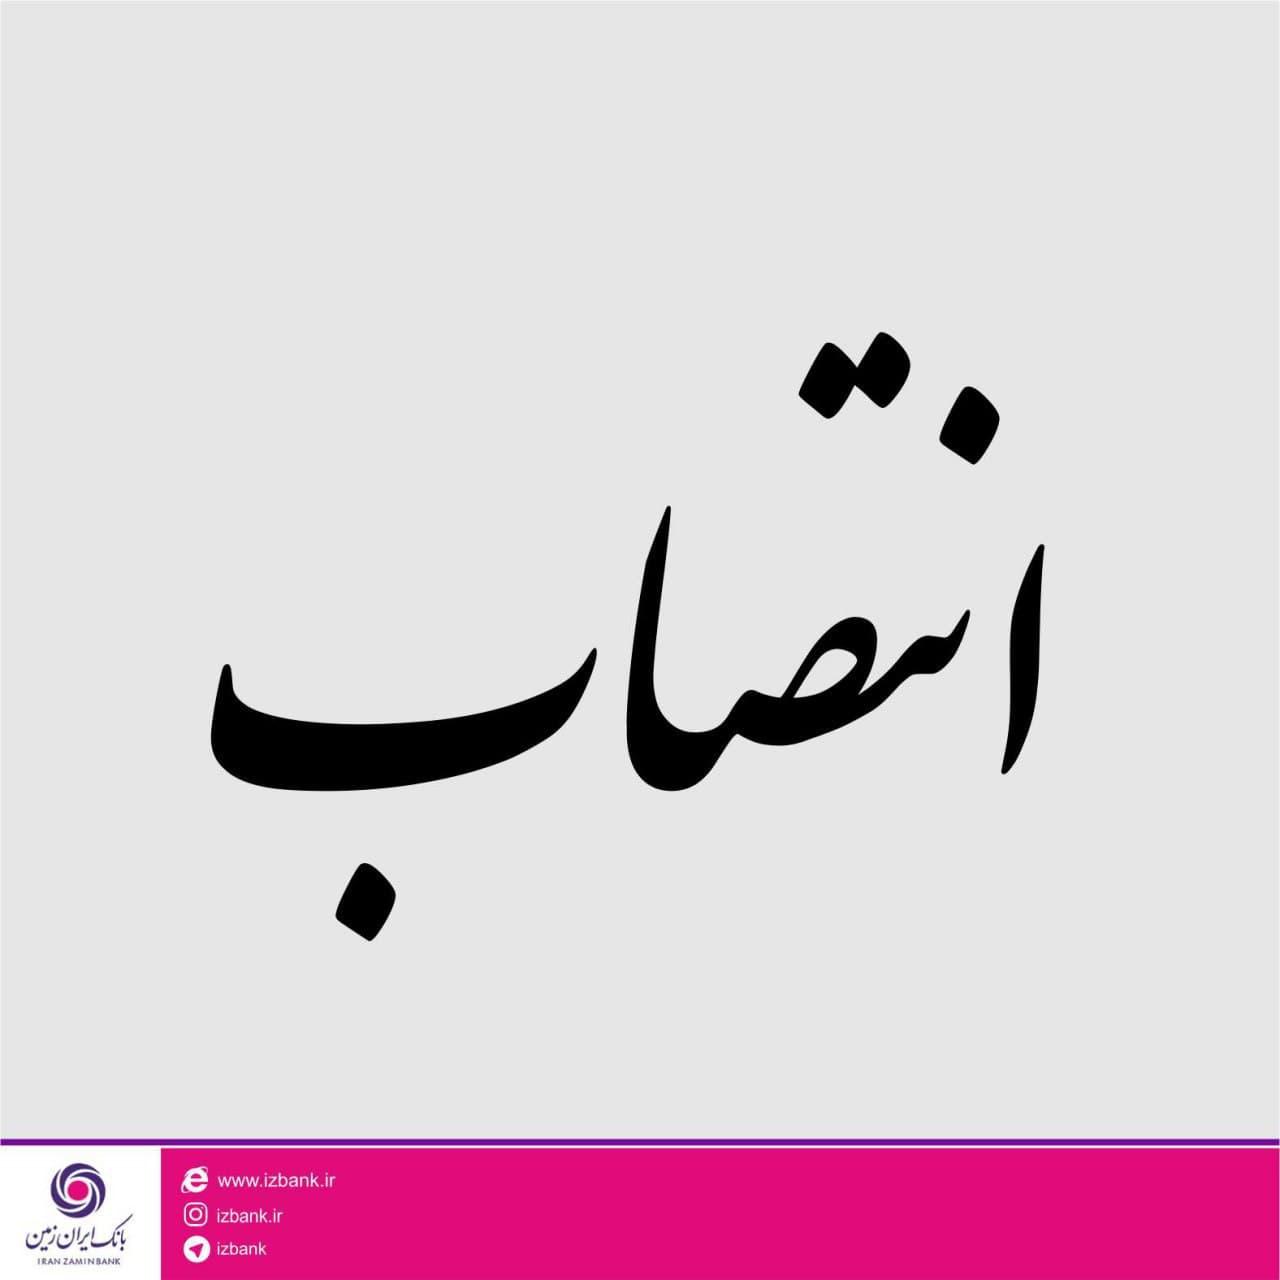 انتصاب مدیر امور بین الملل در بانک ایران زمین